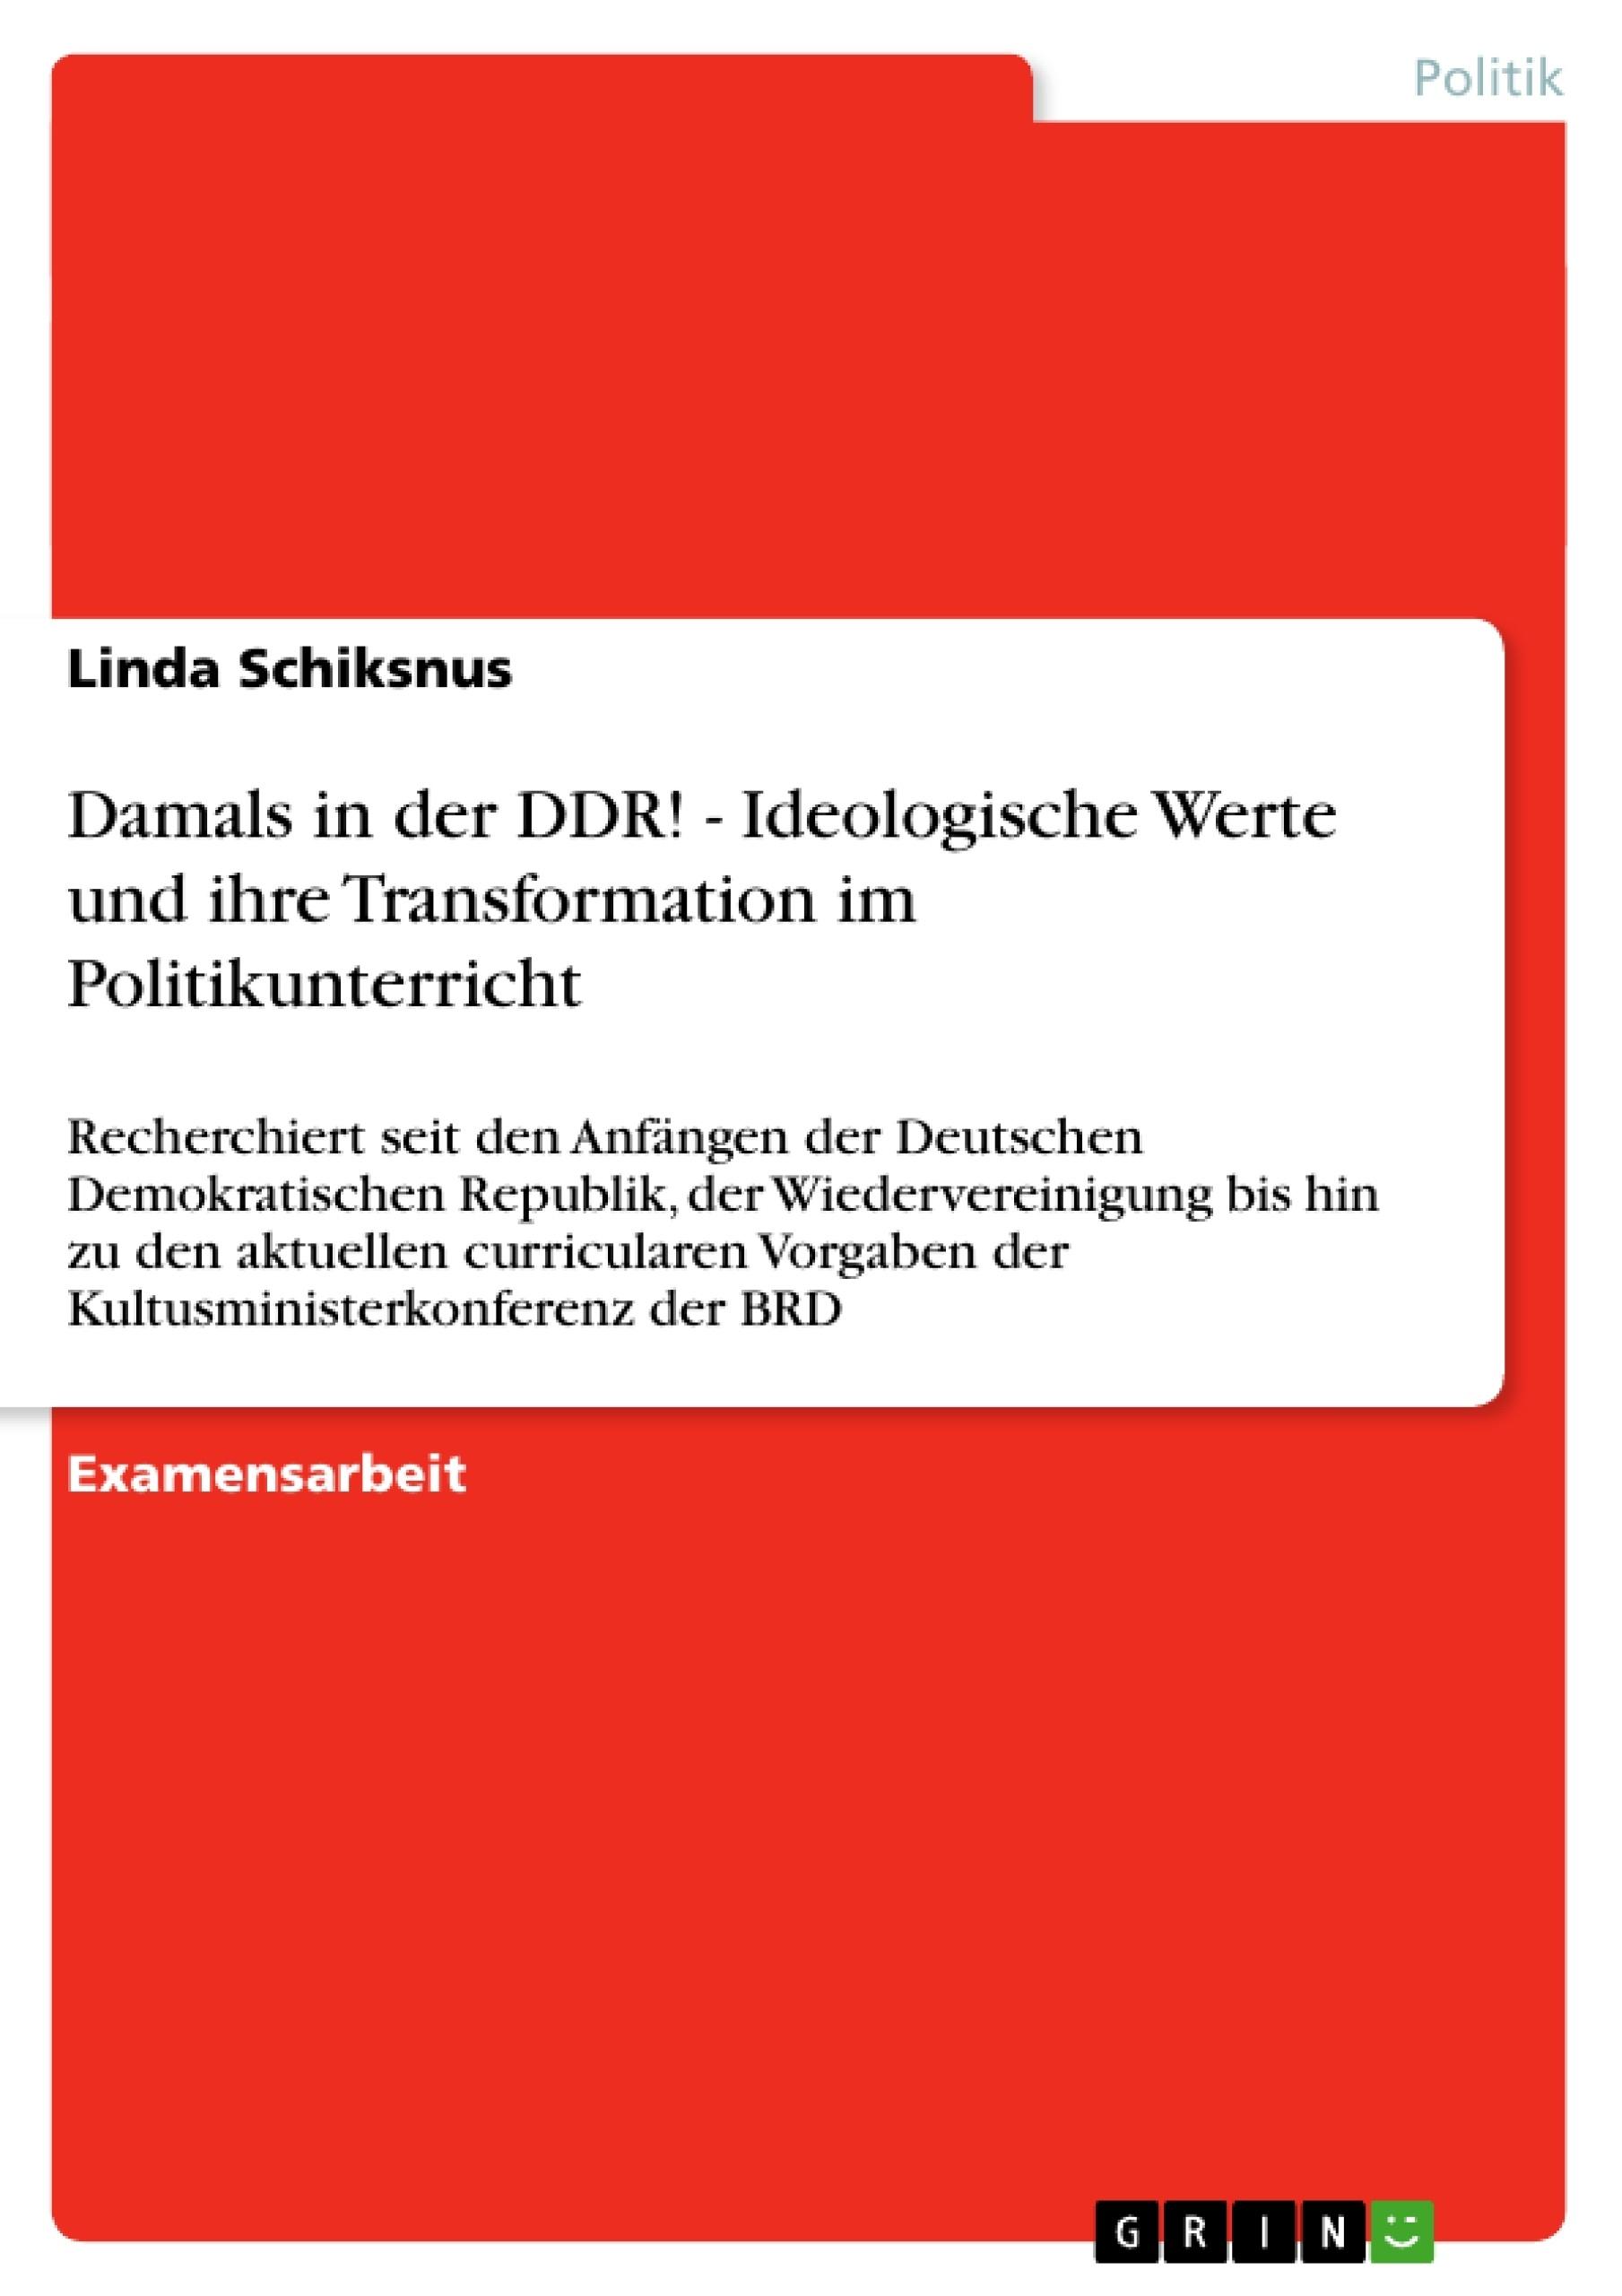 Titel: Damals in der DDR! - Ideologische Werte und ihre Transformation im Politikunterricht